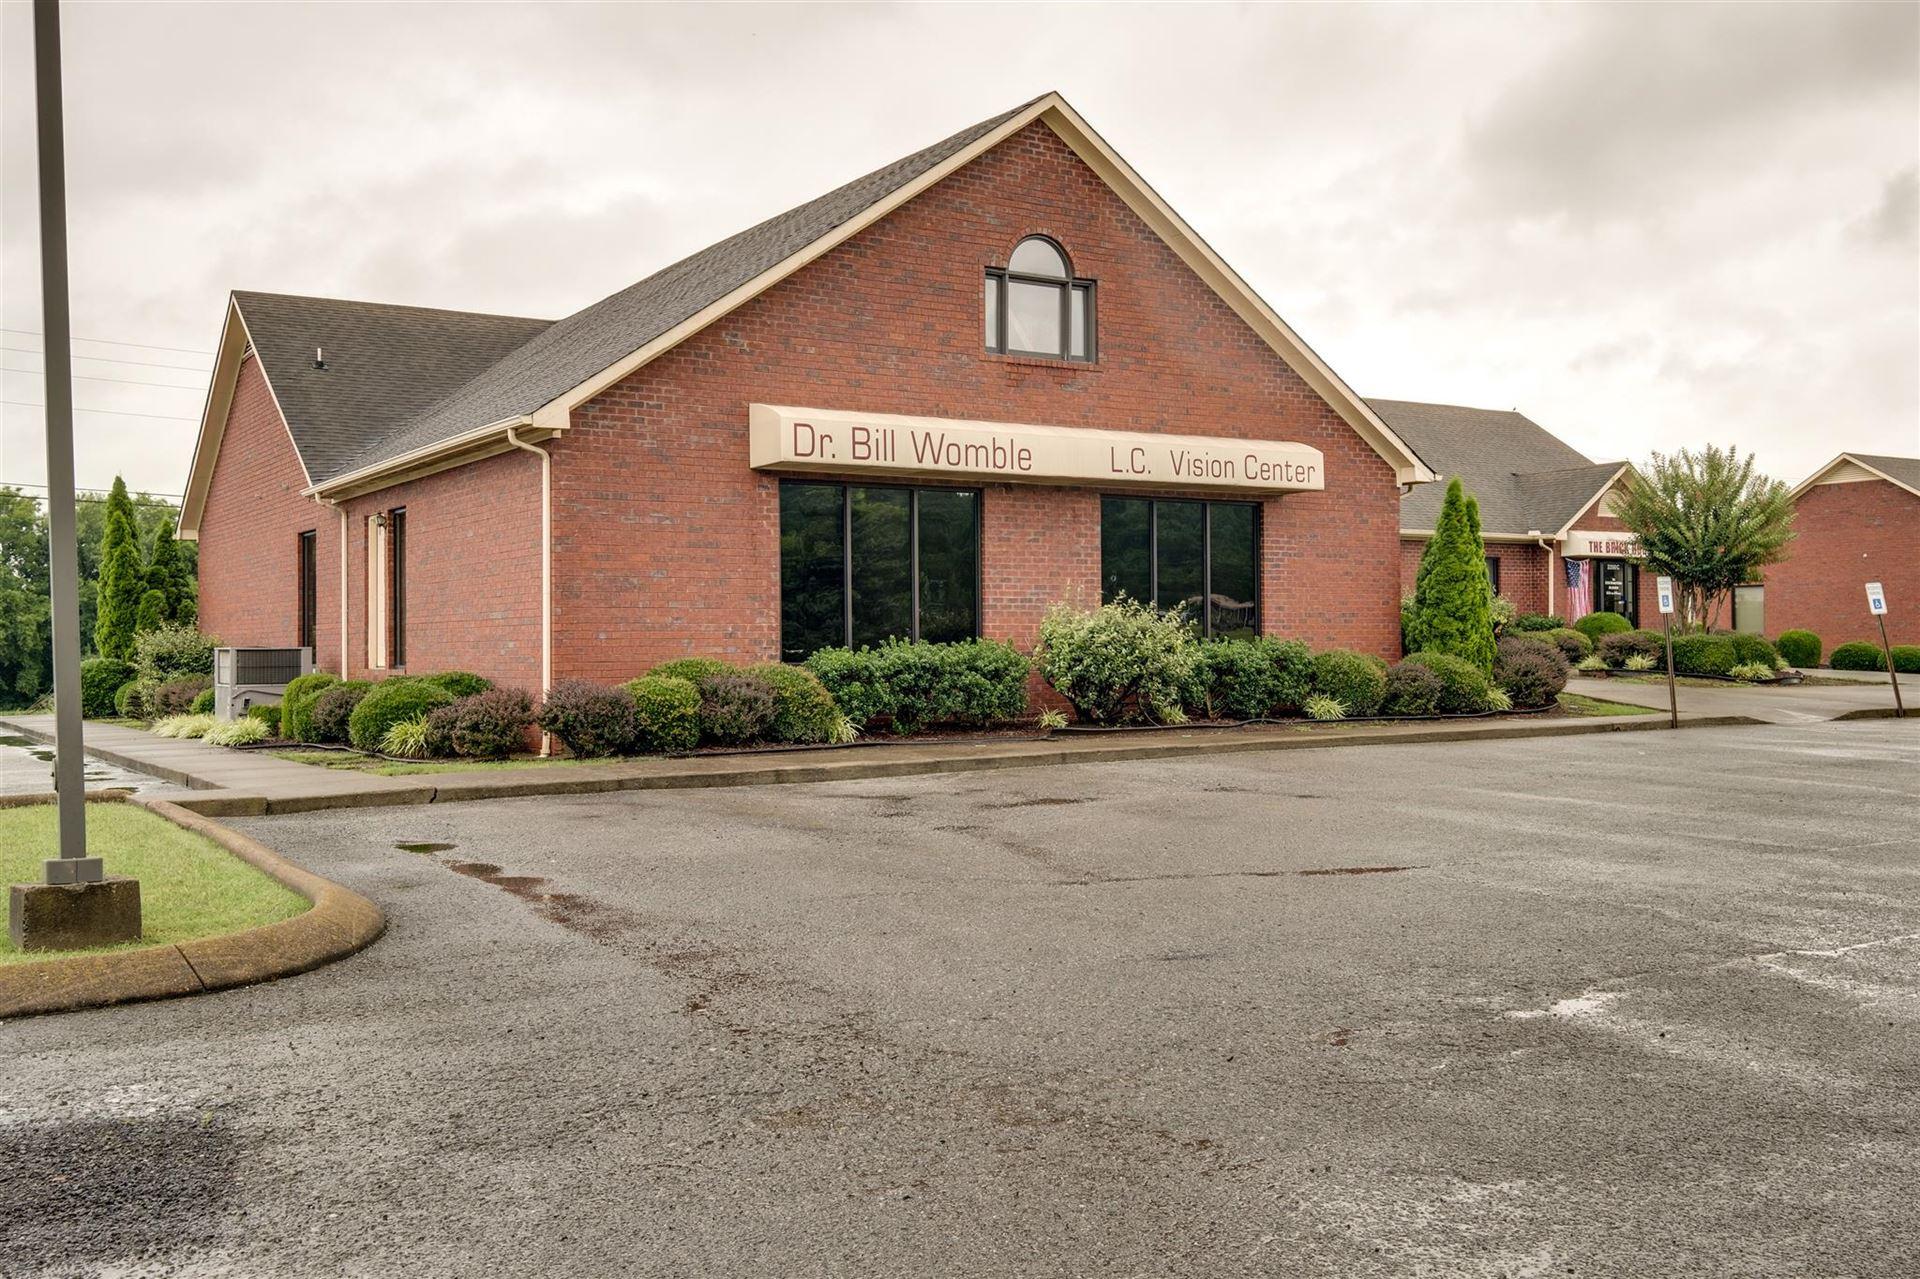 Photo of 2250 Thornton Taylor Pkwy, Fayetteville, TN 37334 (MLS # 1840108)